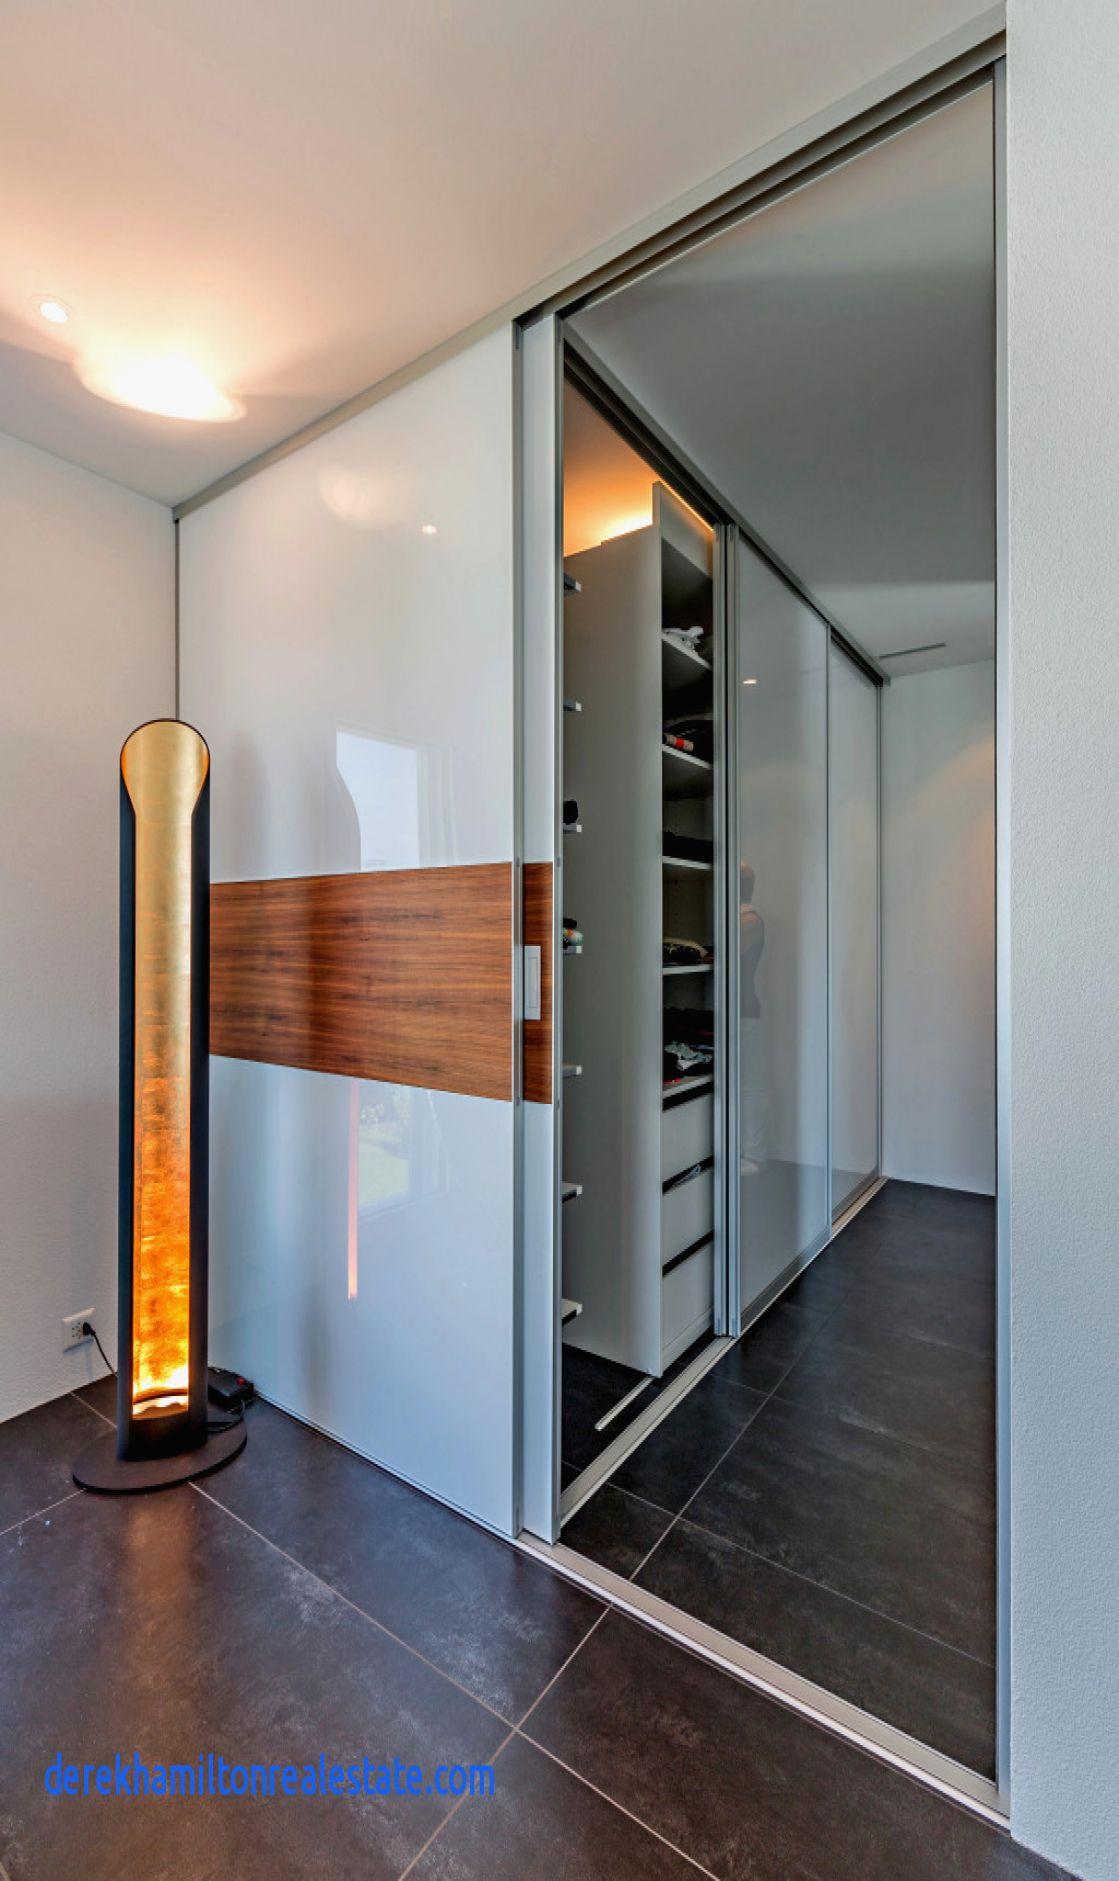 17 Luxus Ikea Schiebeturen Schrank In 2020 Decor Interior Walls